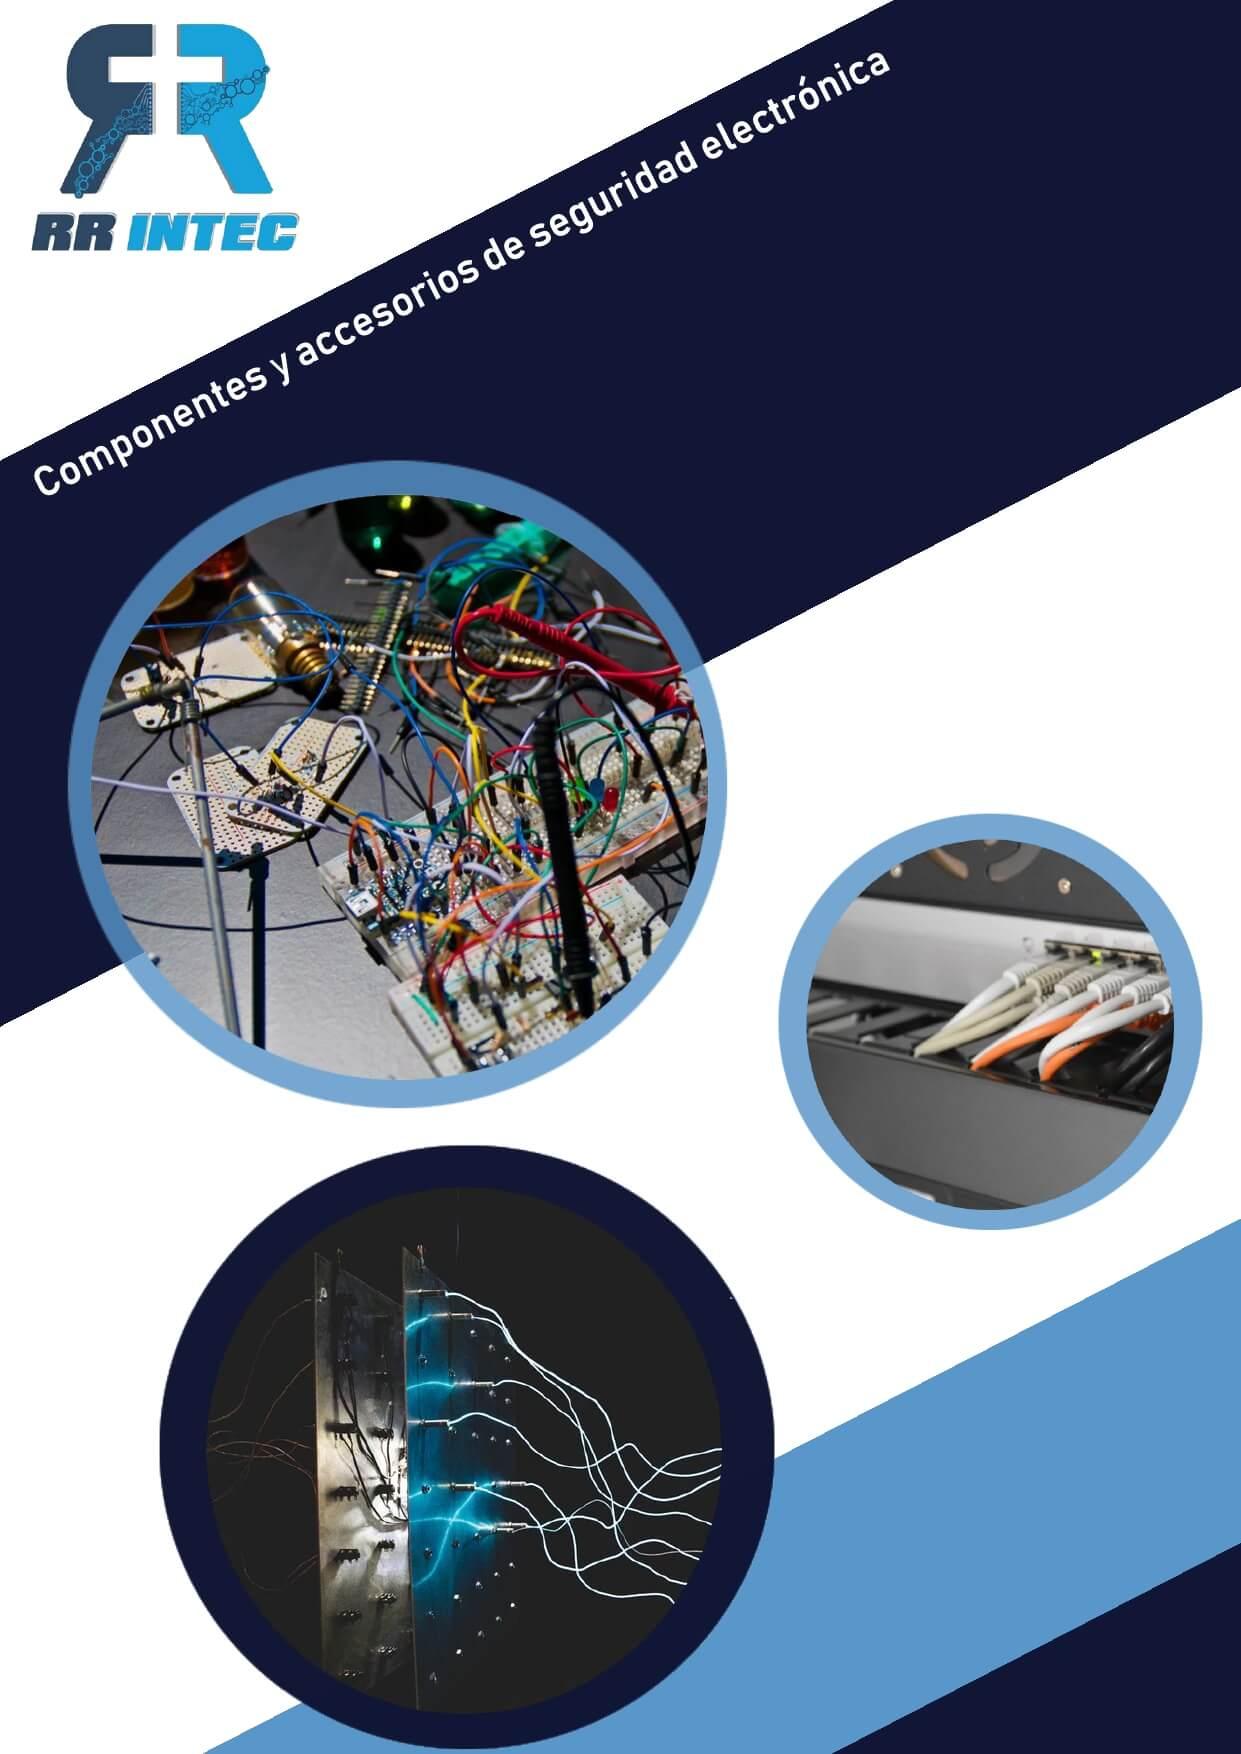 02. Componentes y accesorios de Seguridad